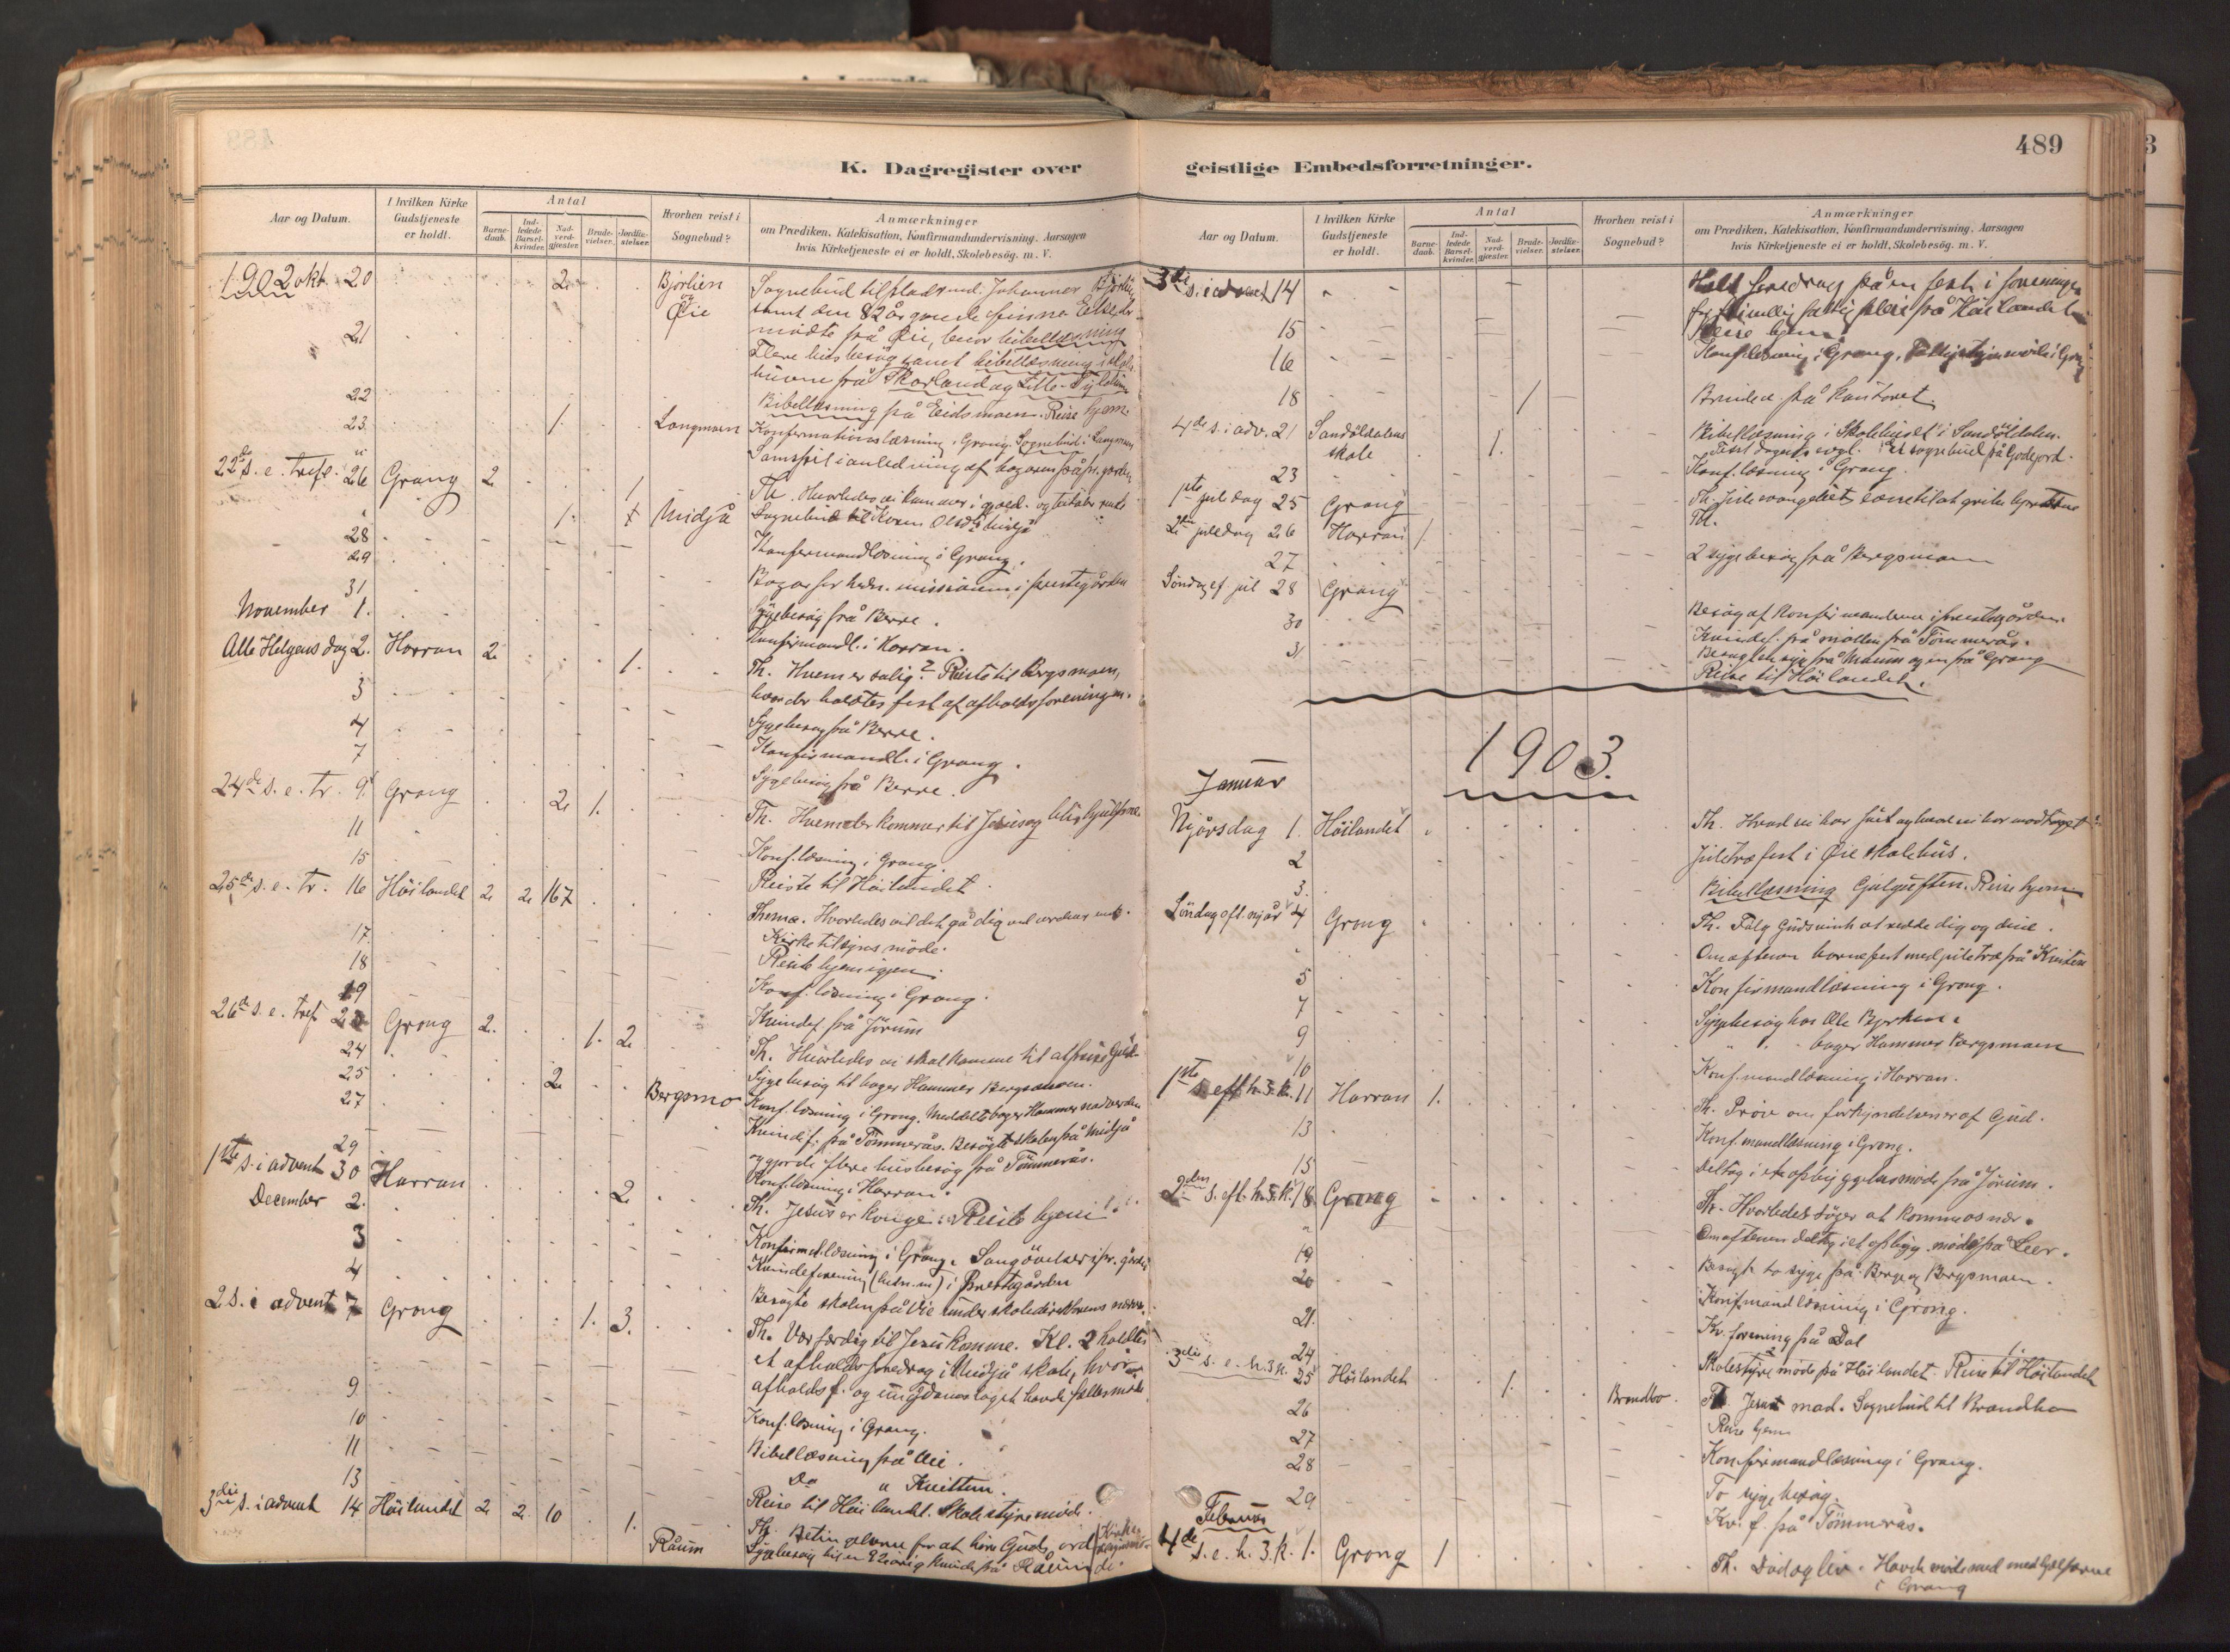 SAT, Ministerialprotokoller, klokkerbøker og fødselsregistre - Nord-Trøndelag, 758/L0519: Ministerialbok nr. 758A04, 1880-1926, s. 489